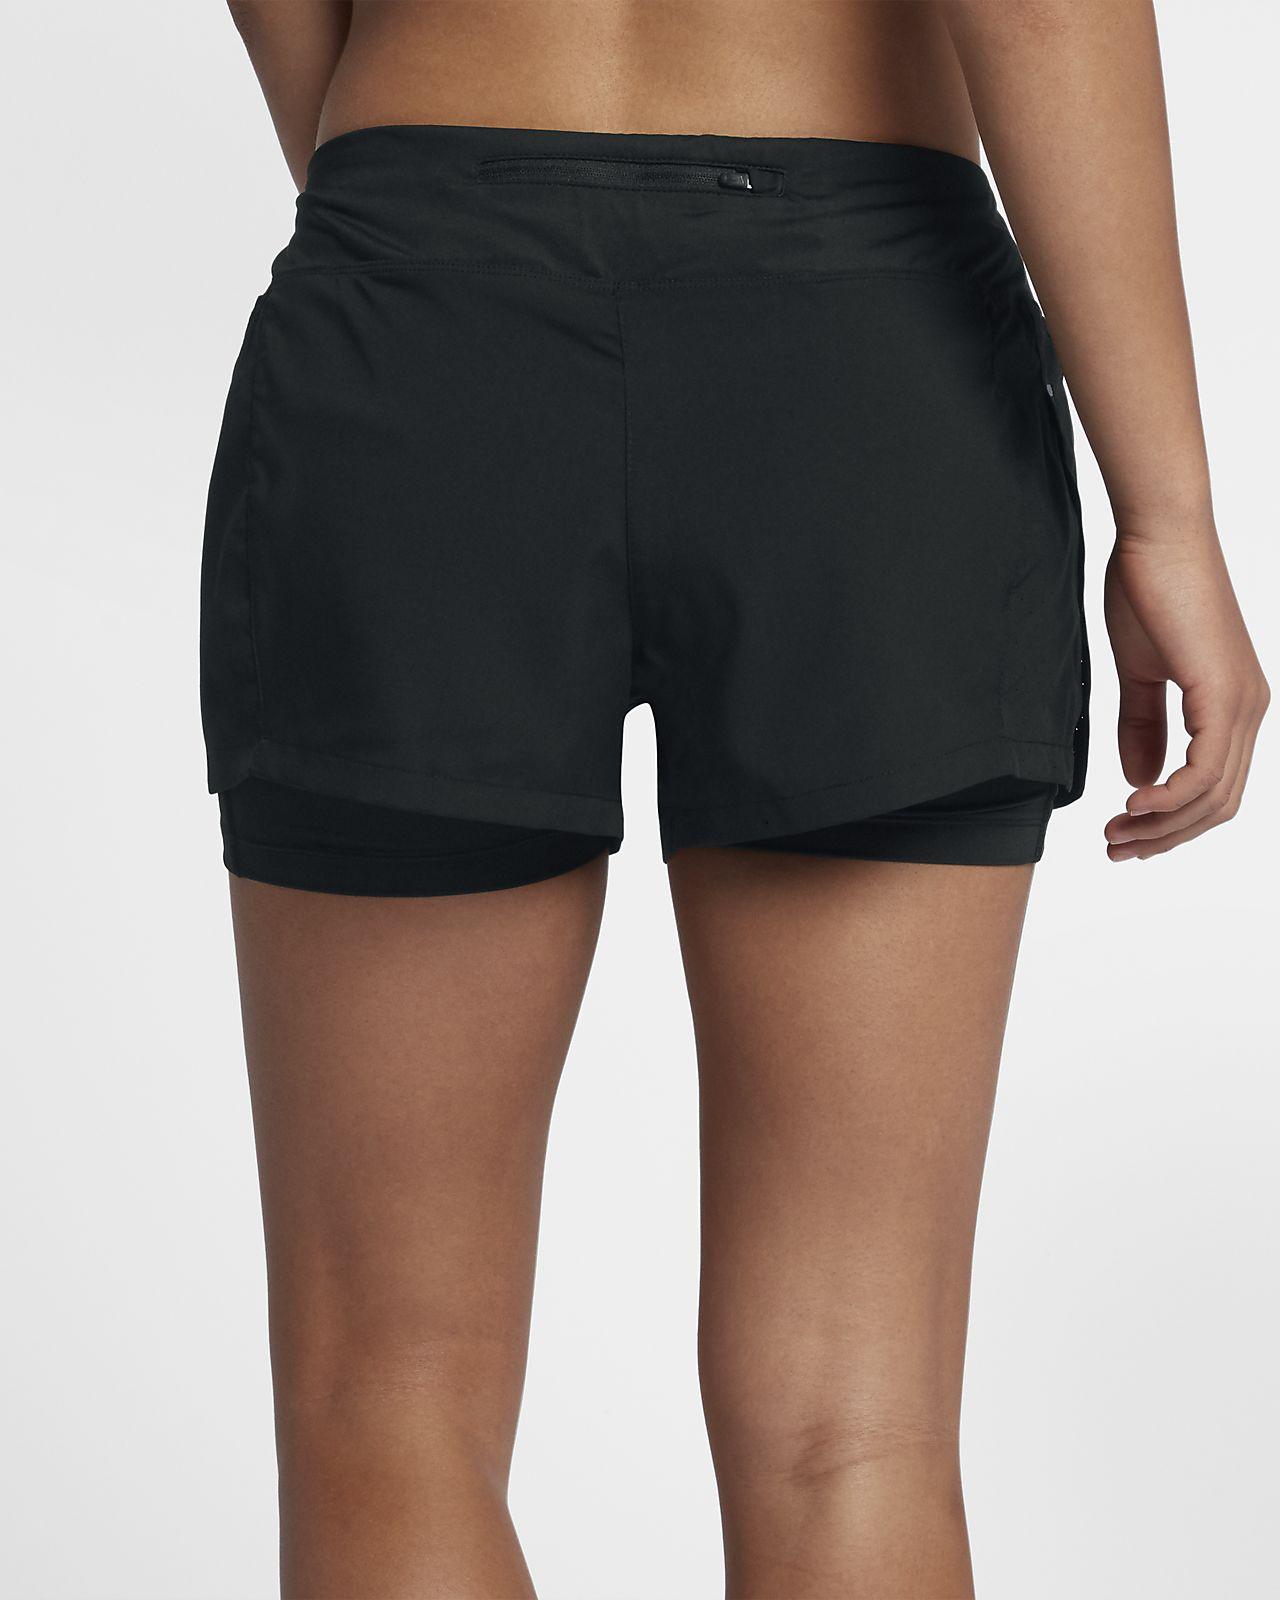 Eclipse mujer Nike deportivos para Pantalones cortos LqMUSzVpG